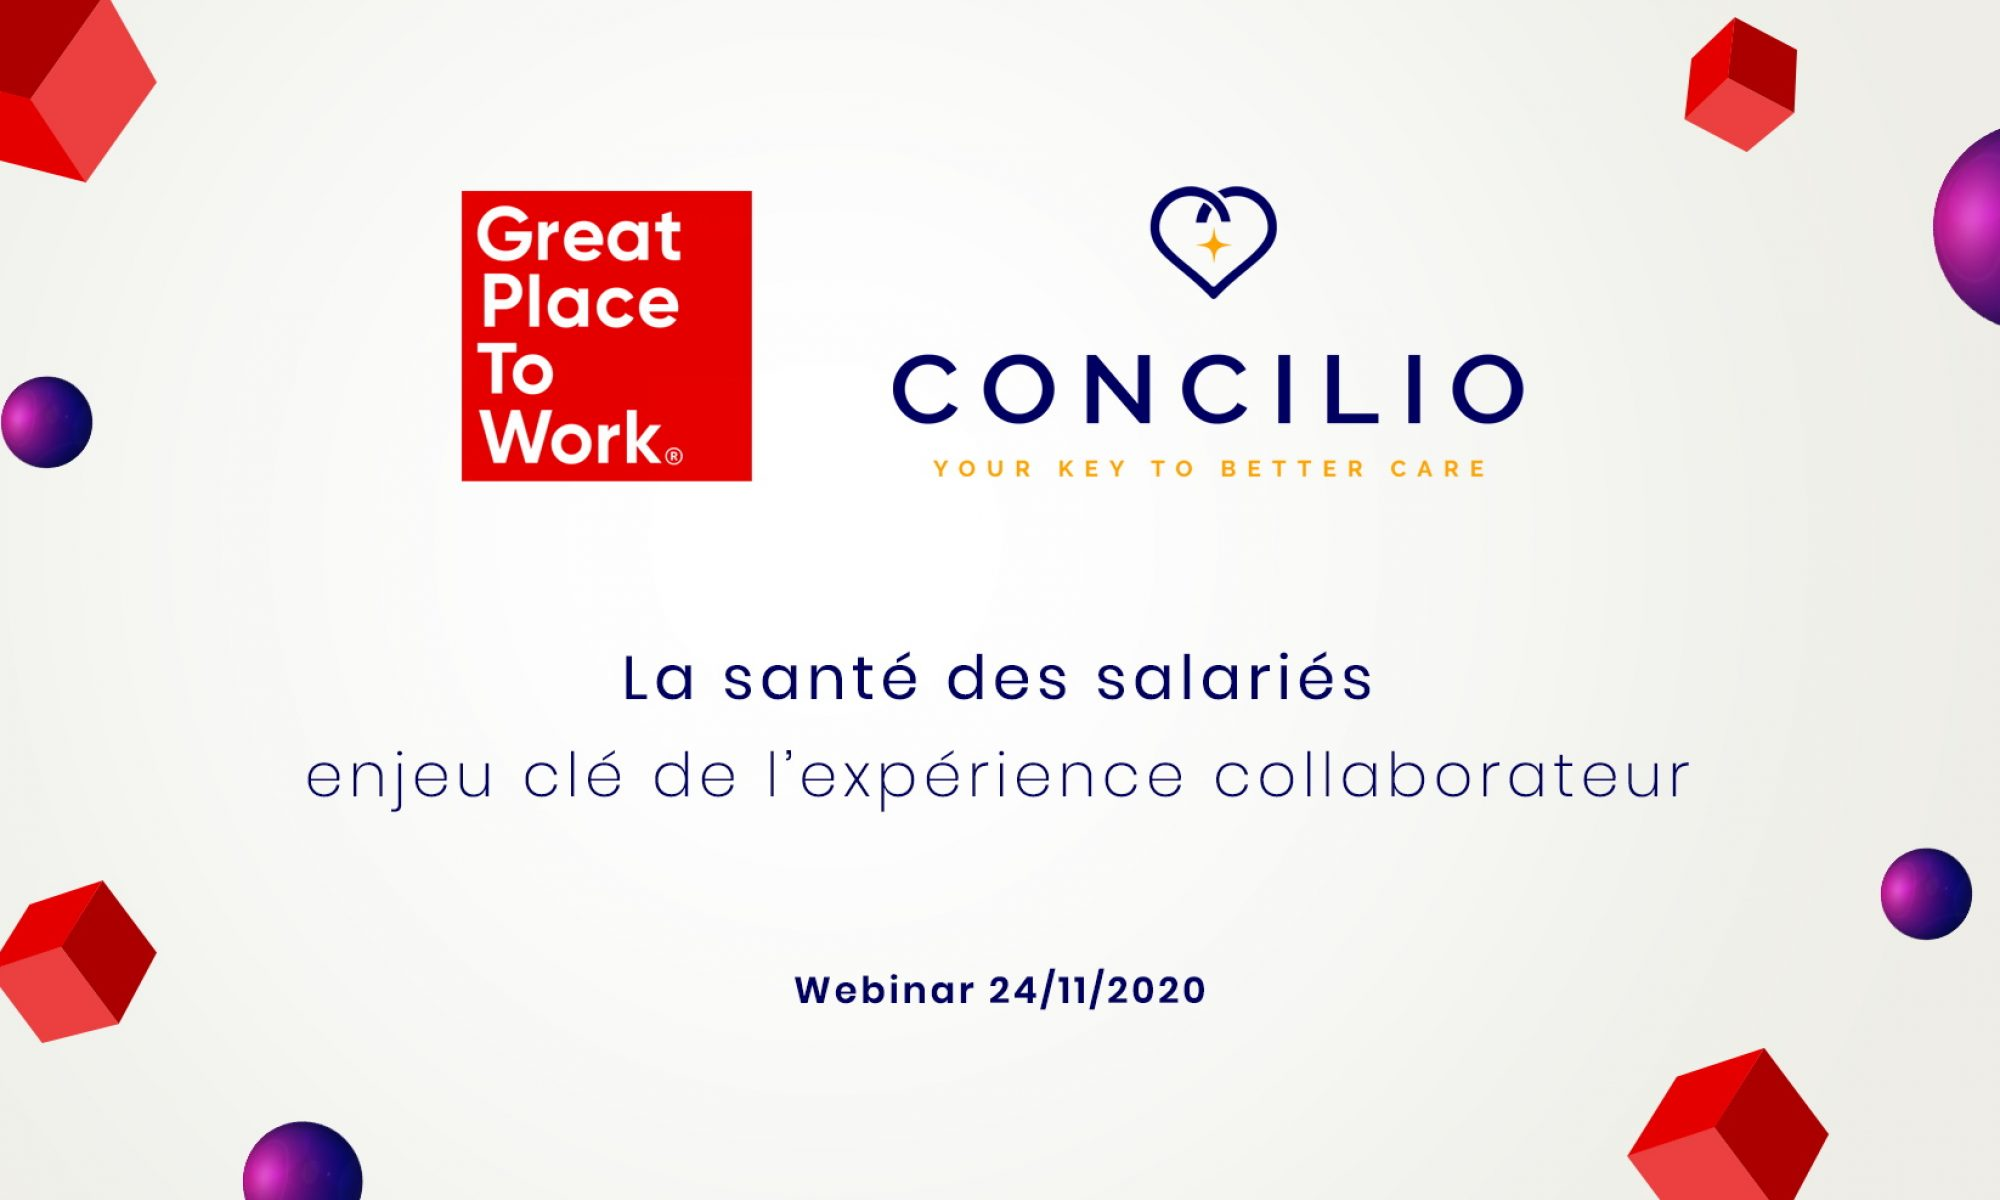 """Webinar """"La santé des salariés, enjeu clé de l'expérience collaborateur"""" par Concilio & Great Place To Work"""